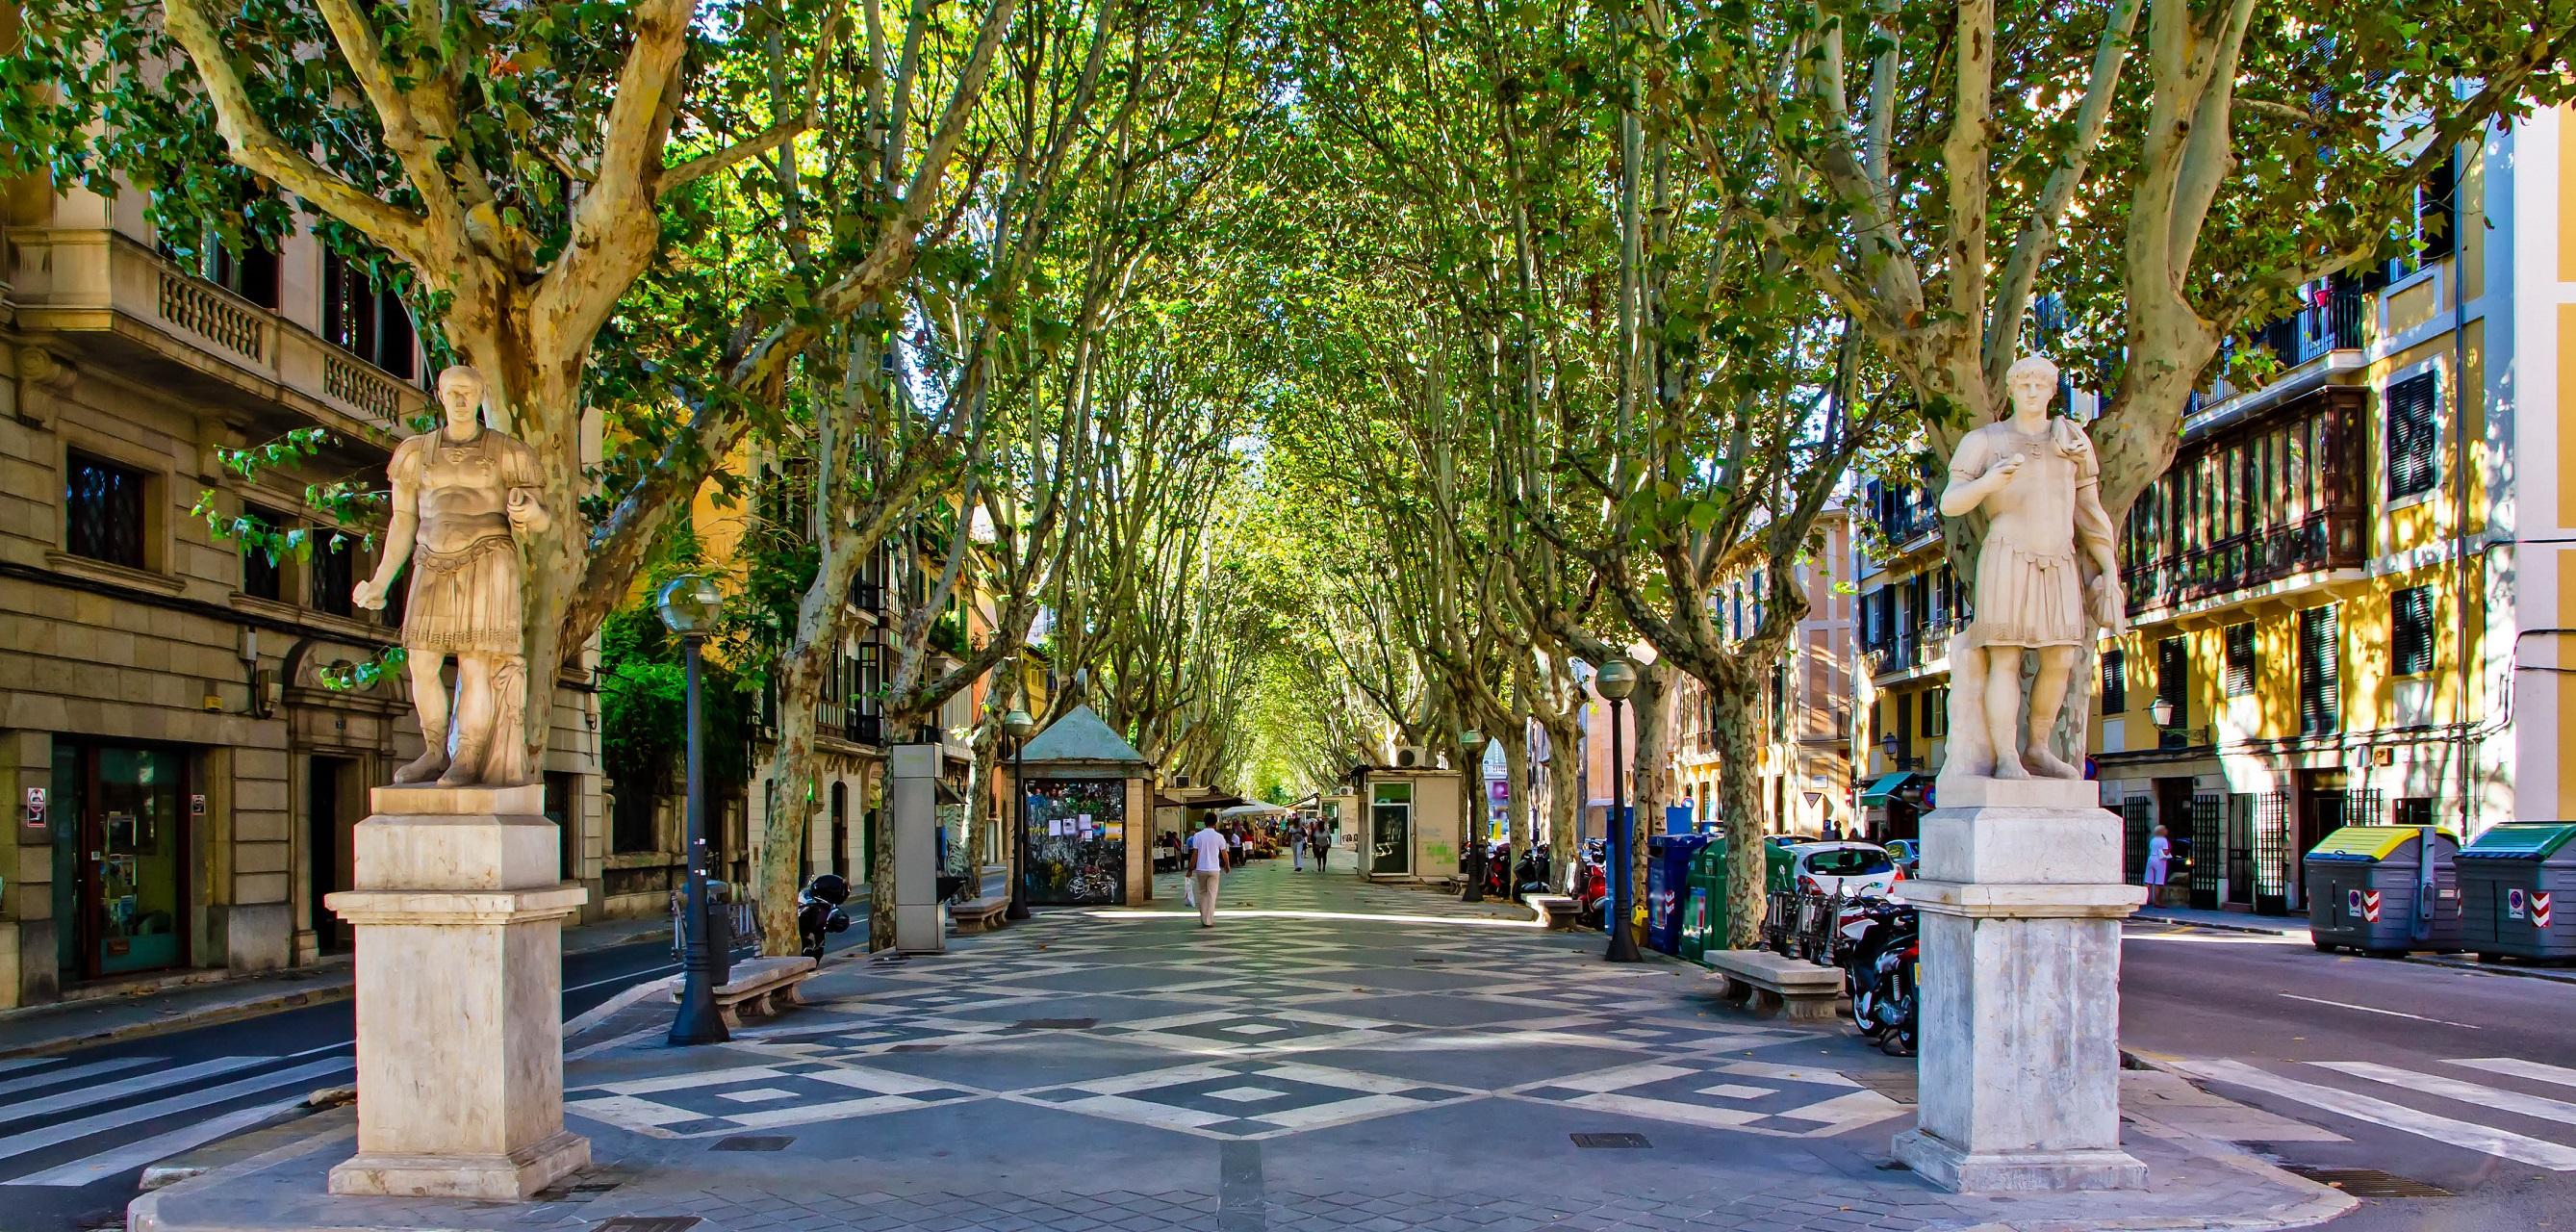 Passeig des Born in der Altstadt von Palma de Mallorca.